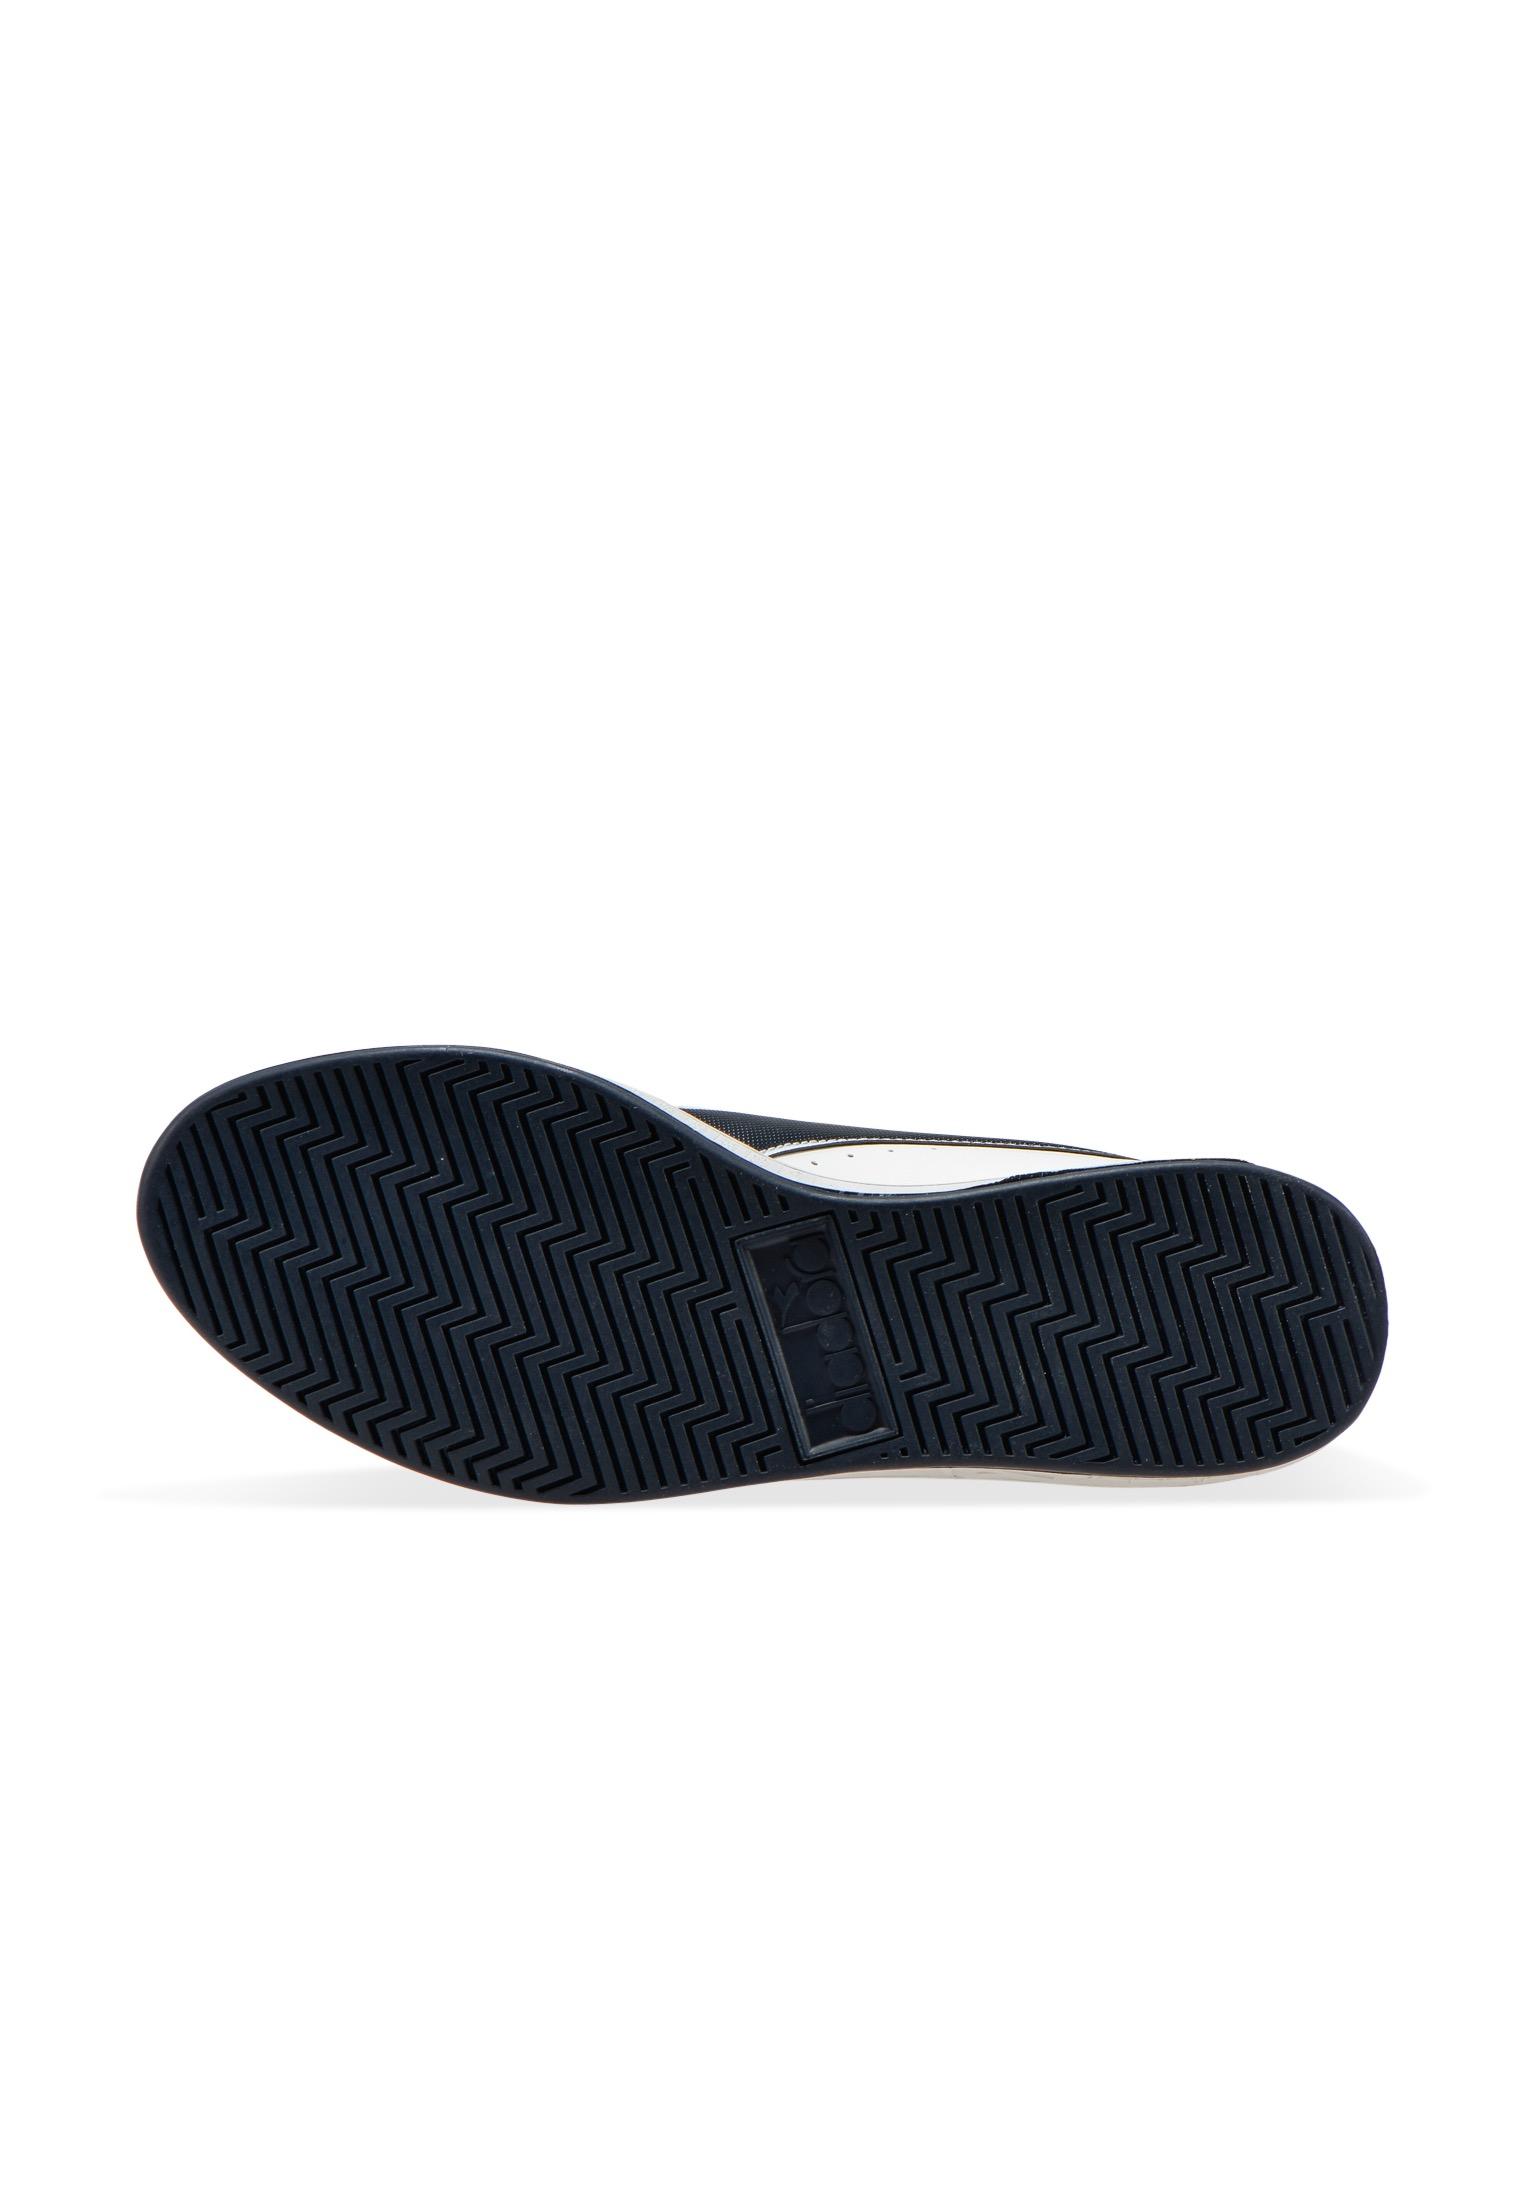 Diadora-Scarpe-Sportive-GAME-P-per-uomo-e-donna miniatura 22